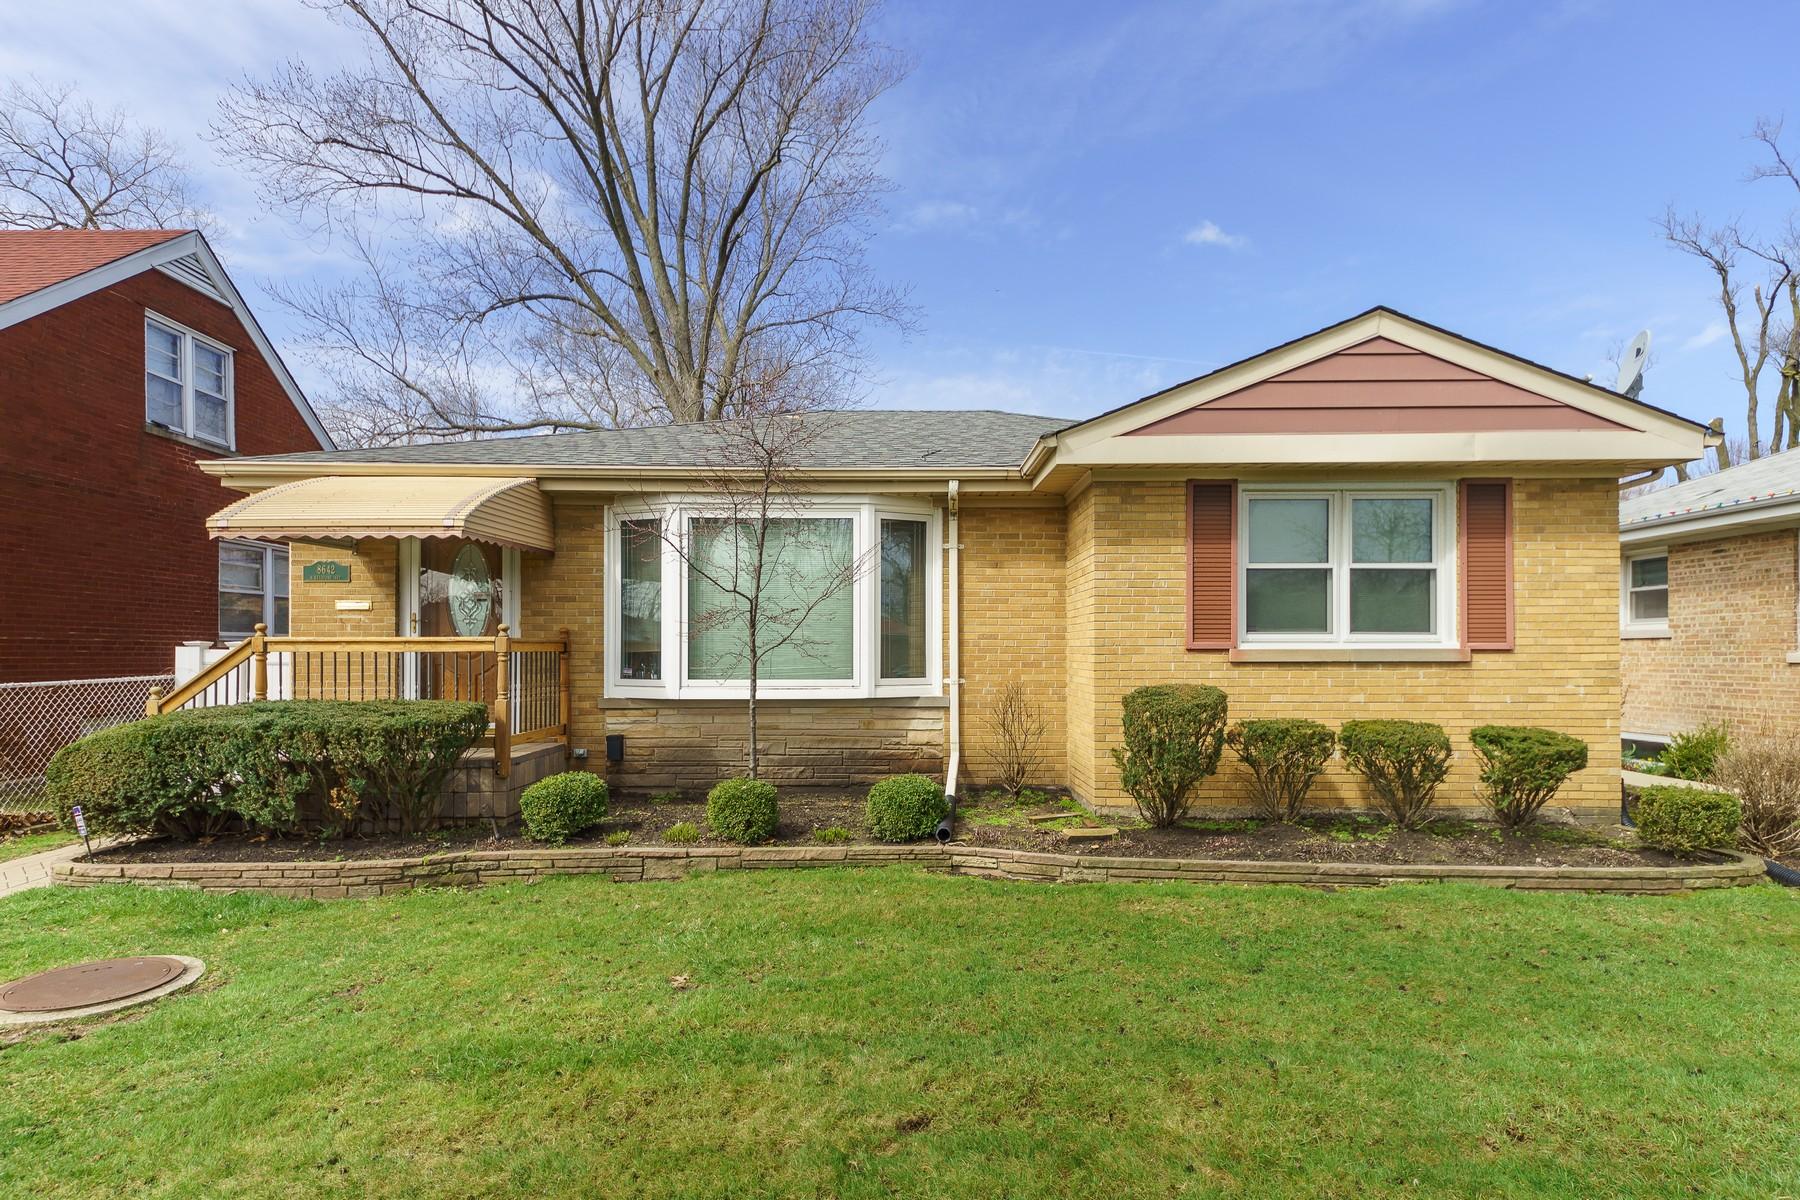 Vivienda unifamiliar por un Venta en Beautifully Updated Ranch 8642 Keystone Ave Skokie, Illinois, 60076 Estados Unidos